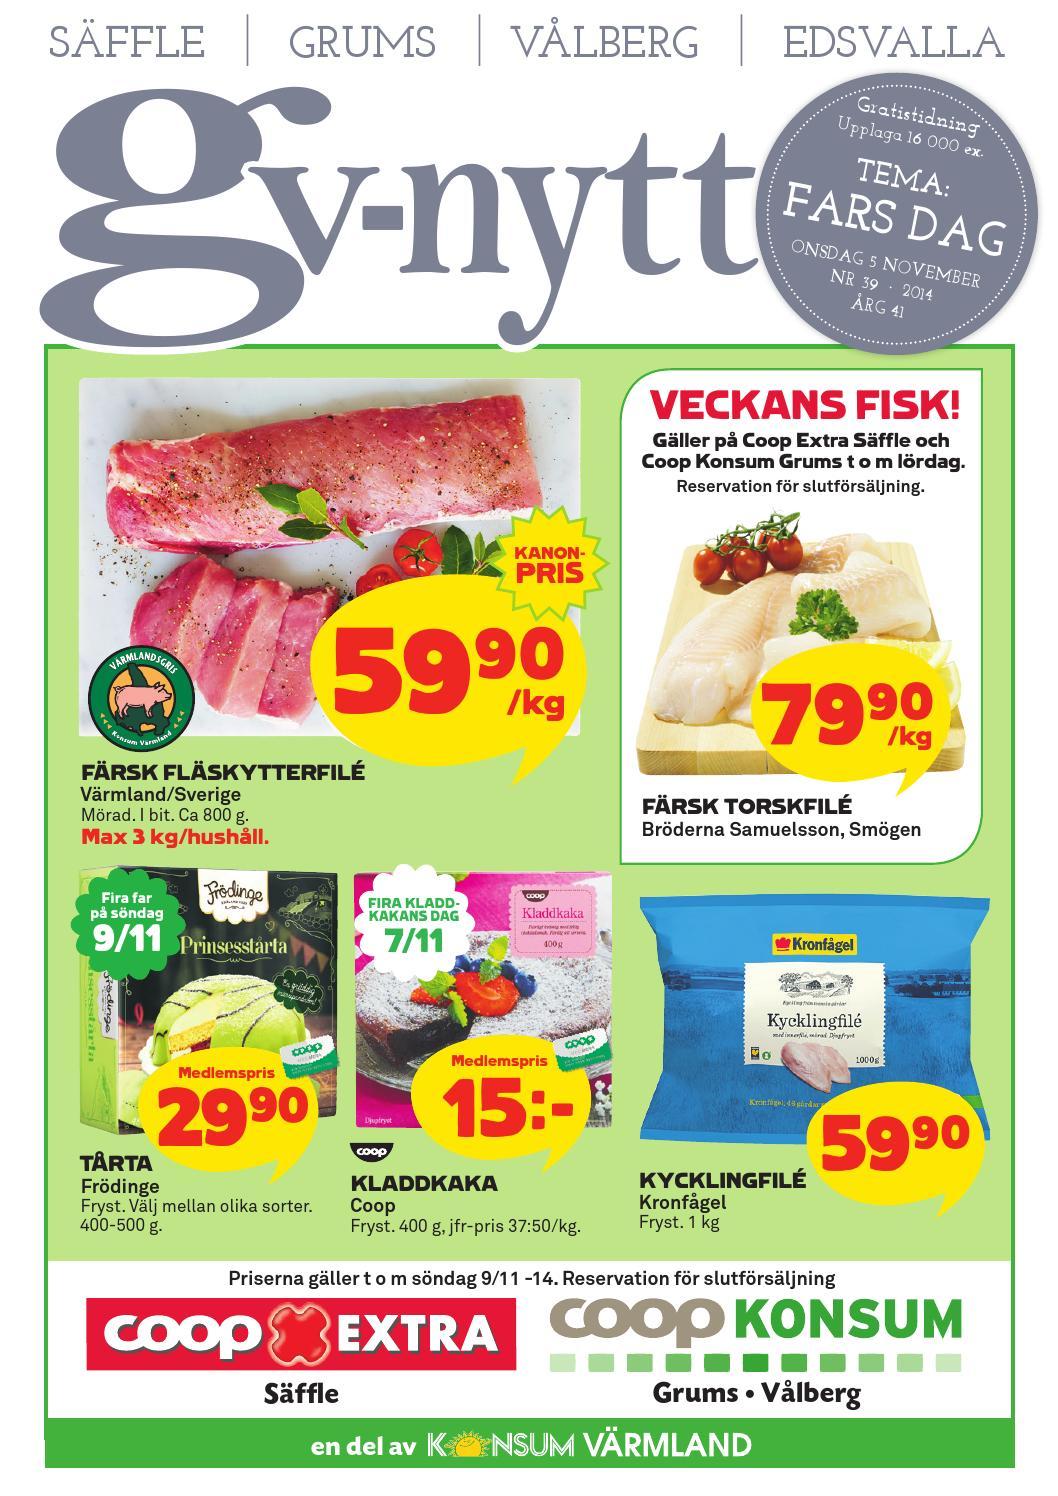 GV-nytt 15 jan 2014 by GV-nytt AB - issuu